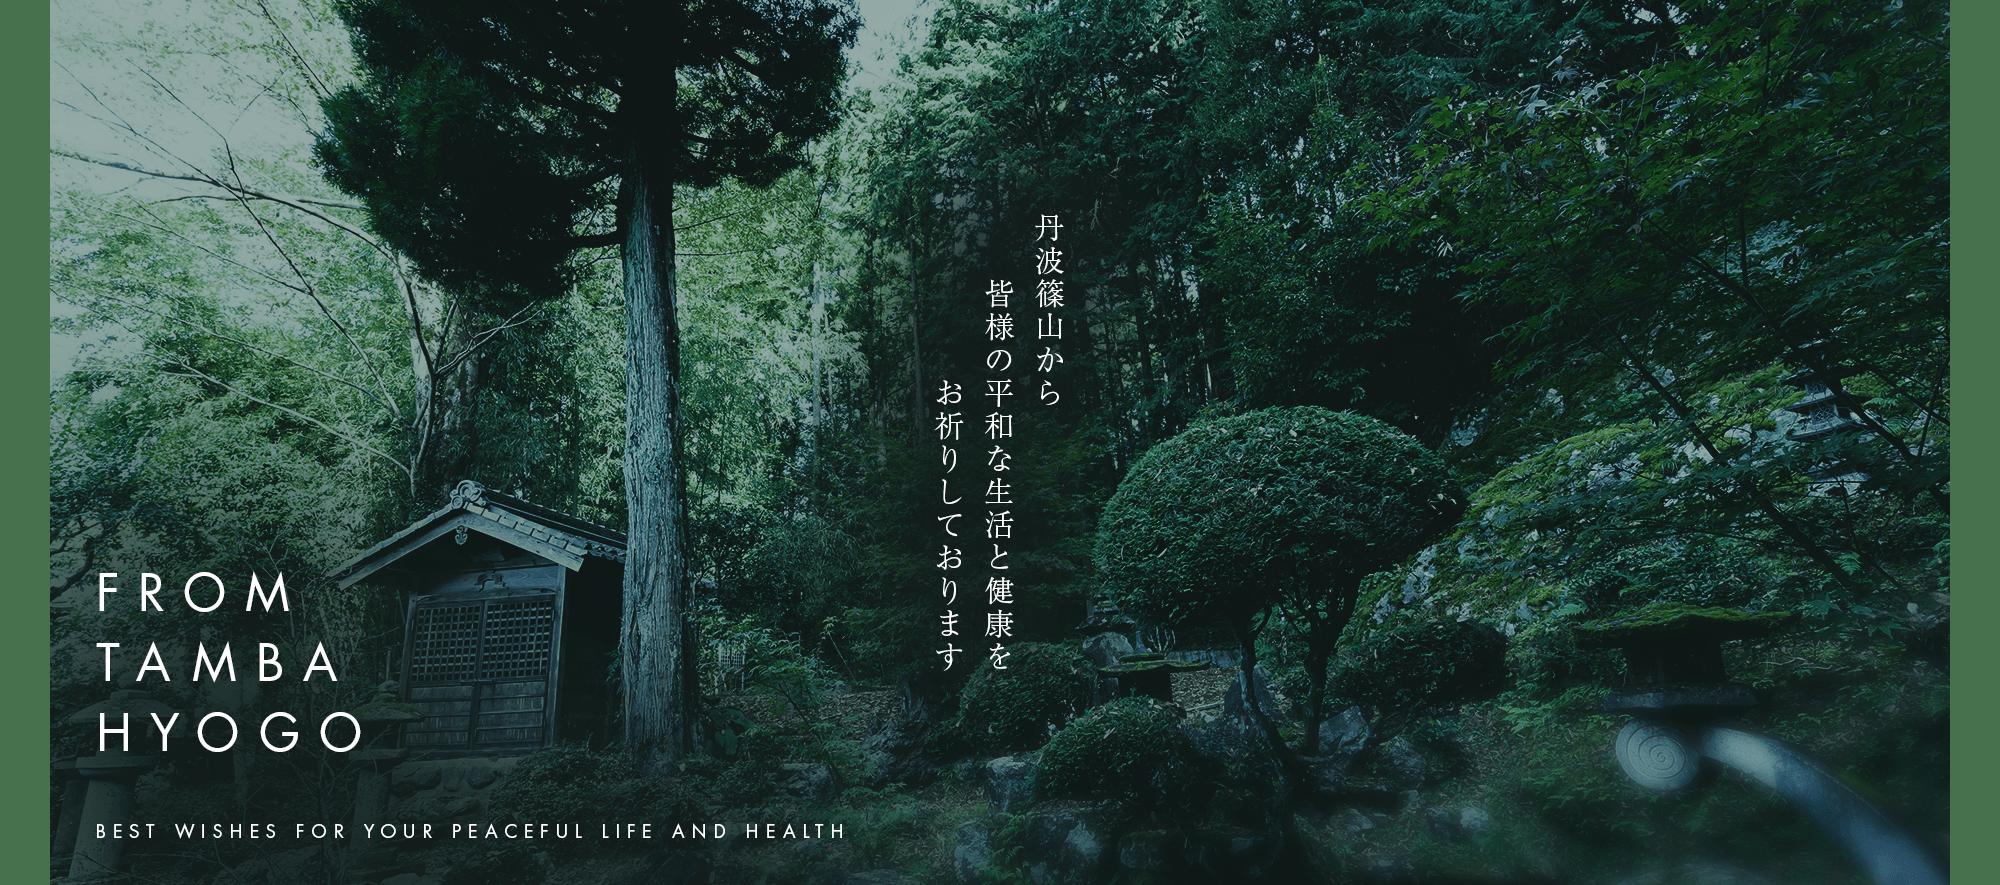 丹波篠山から皆様の平和な生活と健康をお祈りしております